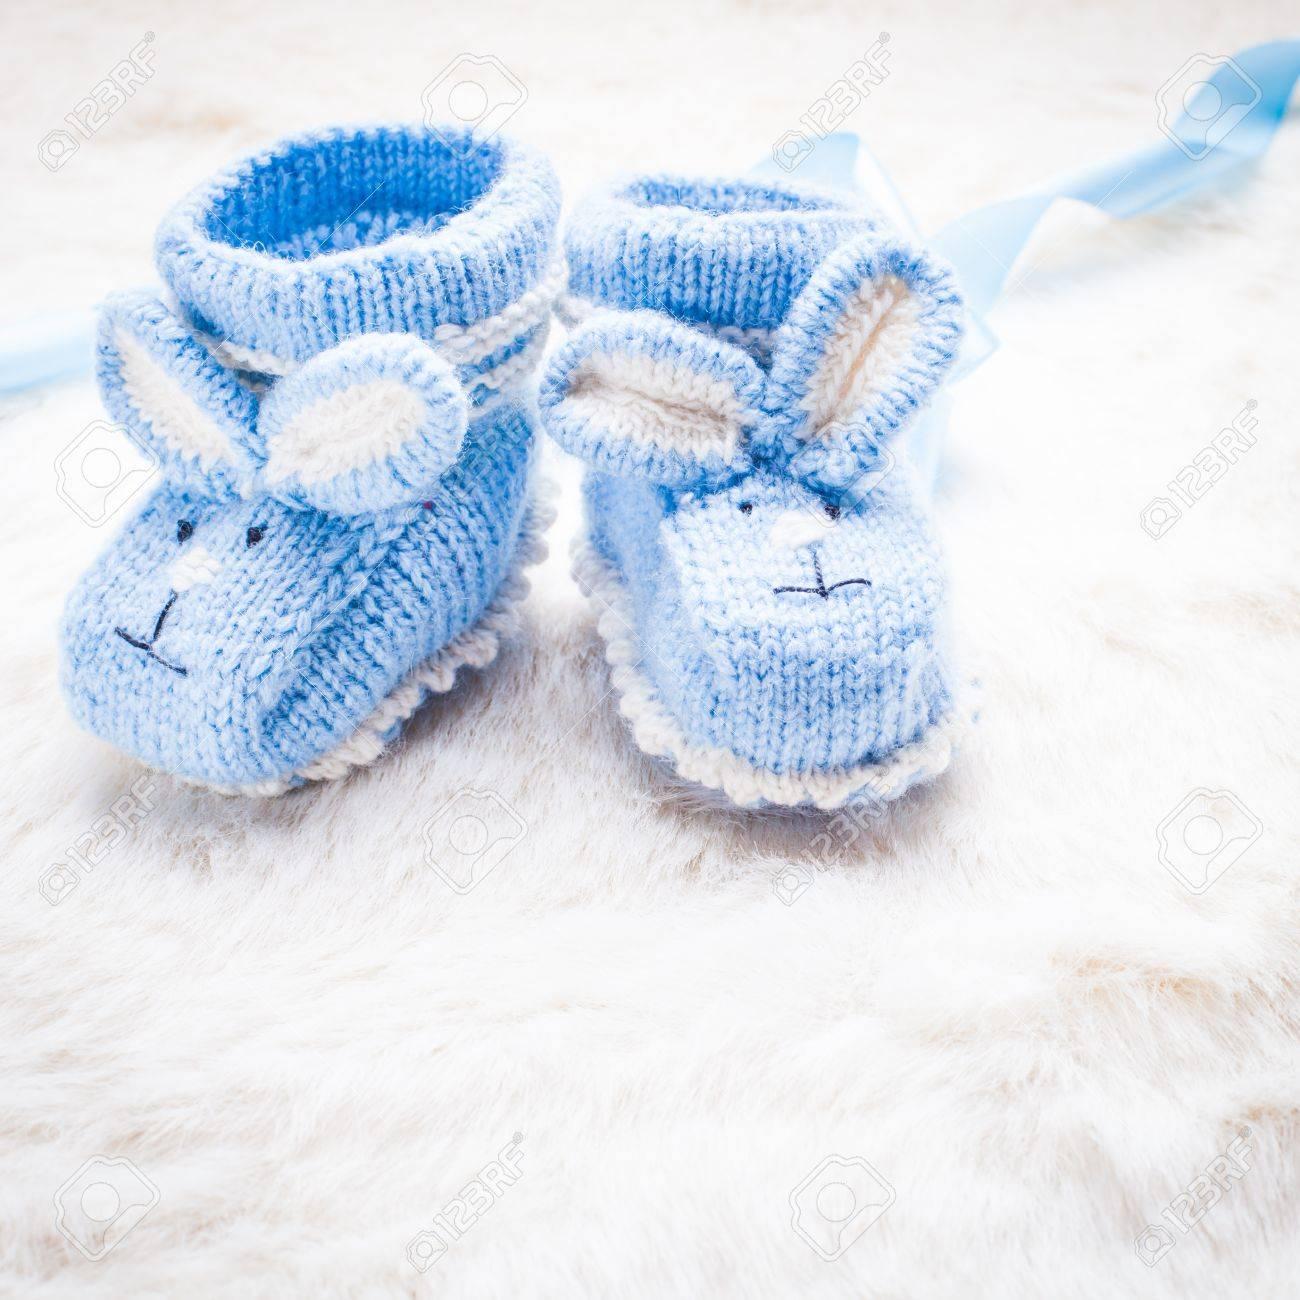 magasin d'usine ad274 0bd48 Bonneterie chaussons pour bébés bleus avec lapin muselière pour petit garçon